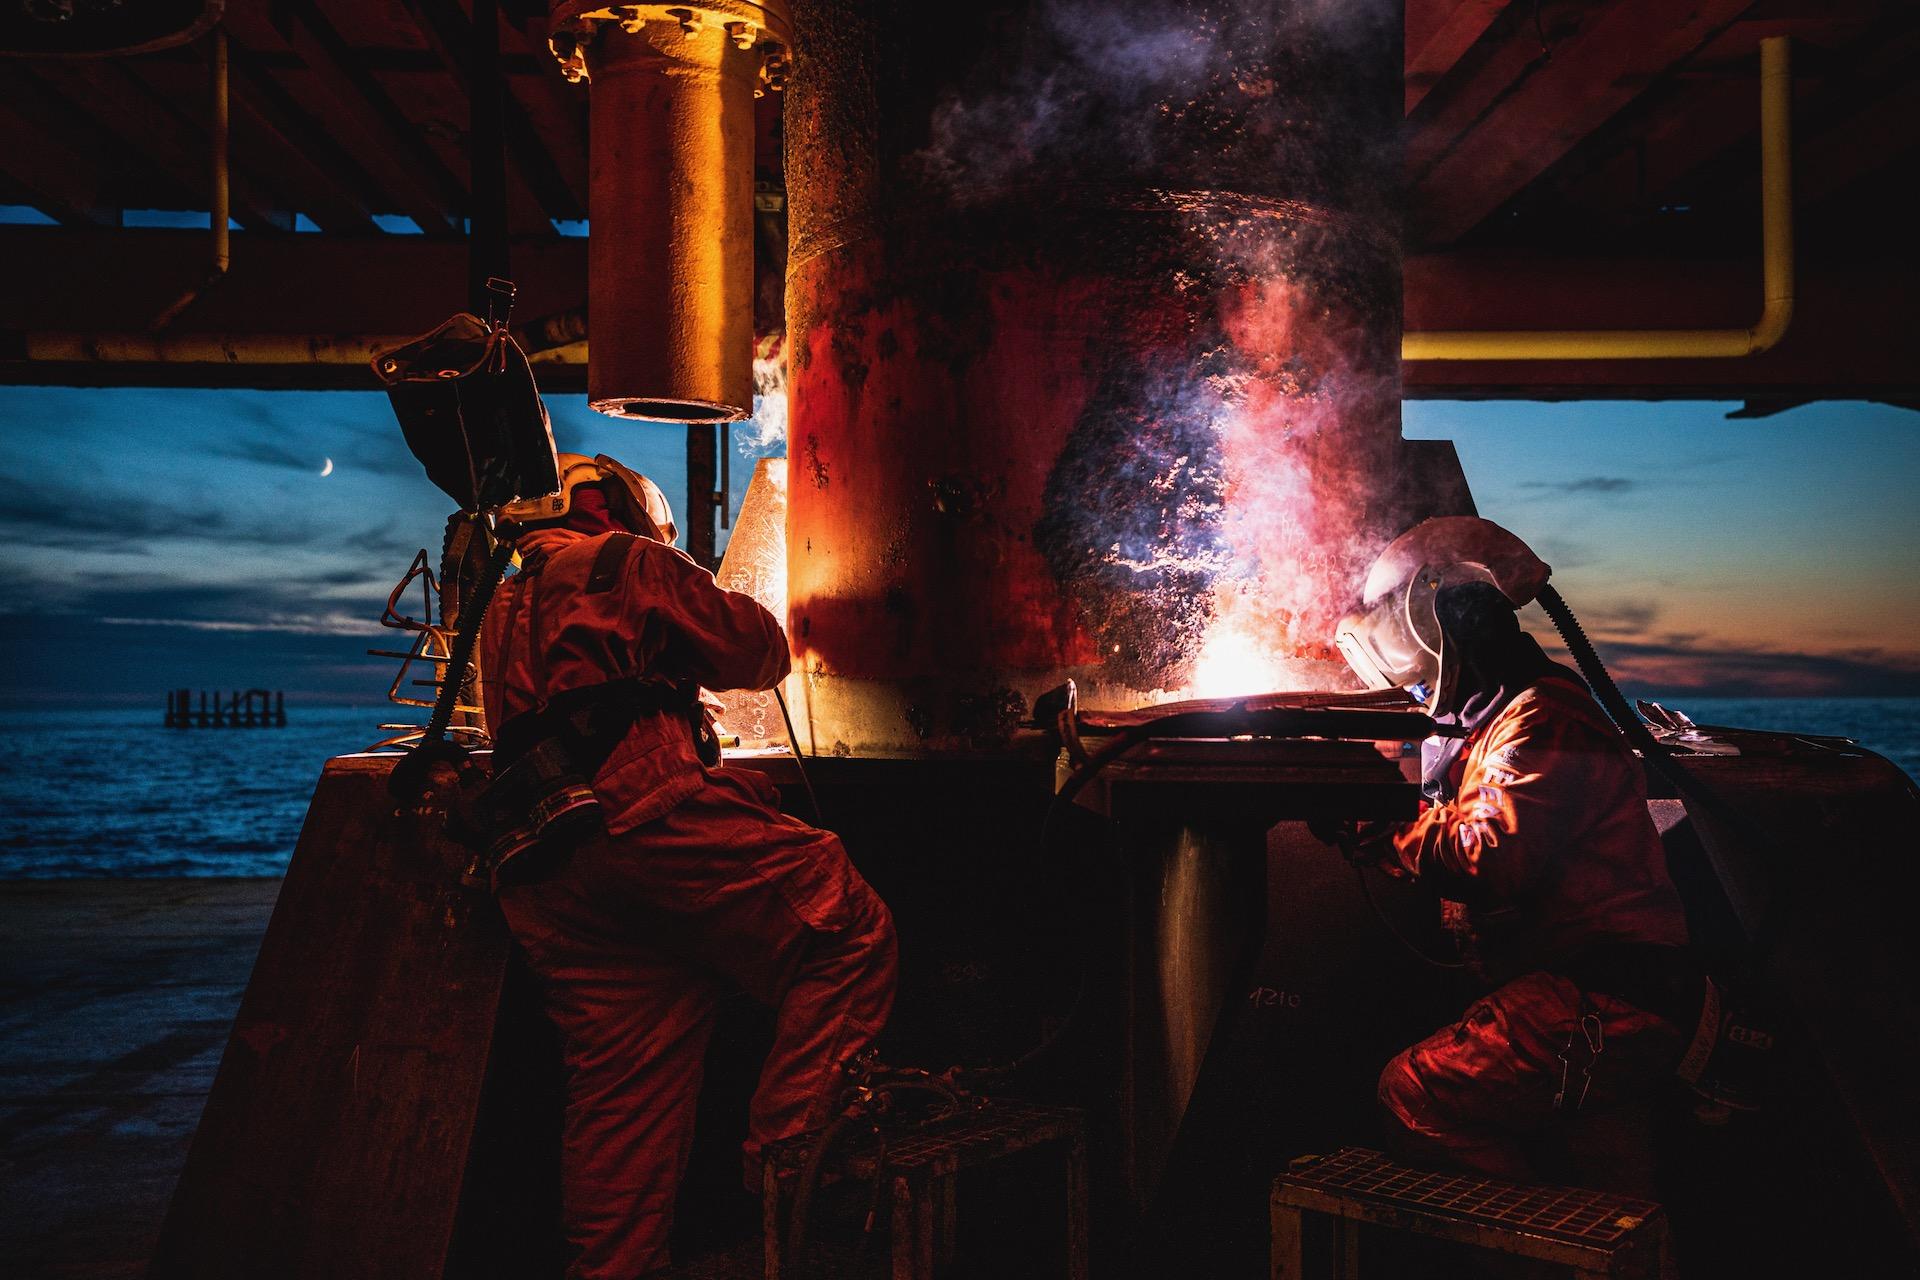 Nederland, Noordzee, 03-08-2019.  Reportage over Kraanschip Thialf. Mannen lassen het boorplatform vast aan het poton waar hij op ligt. Linksachter staan de restanten van het platform nog.  Foto: Siese Veenstra